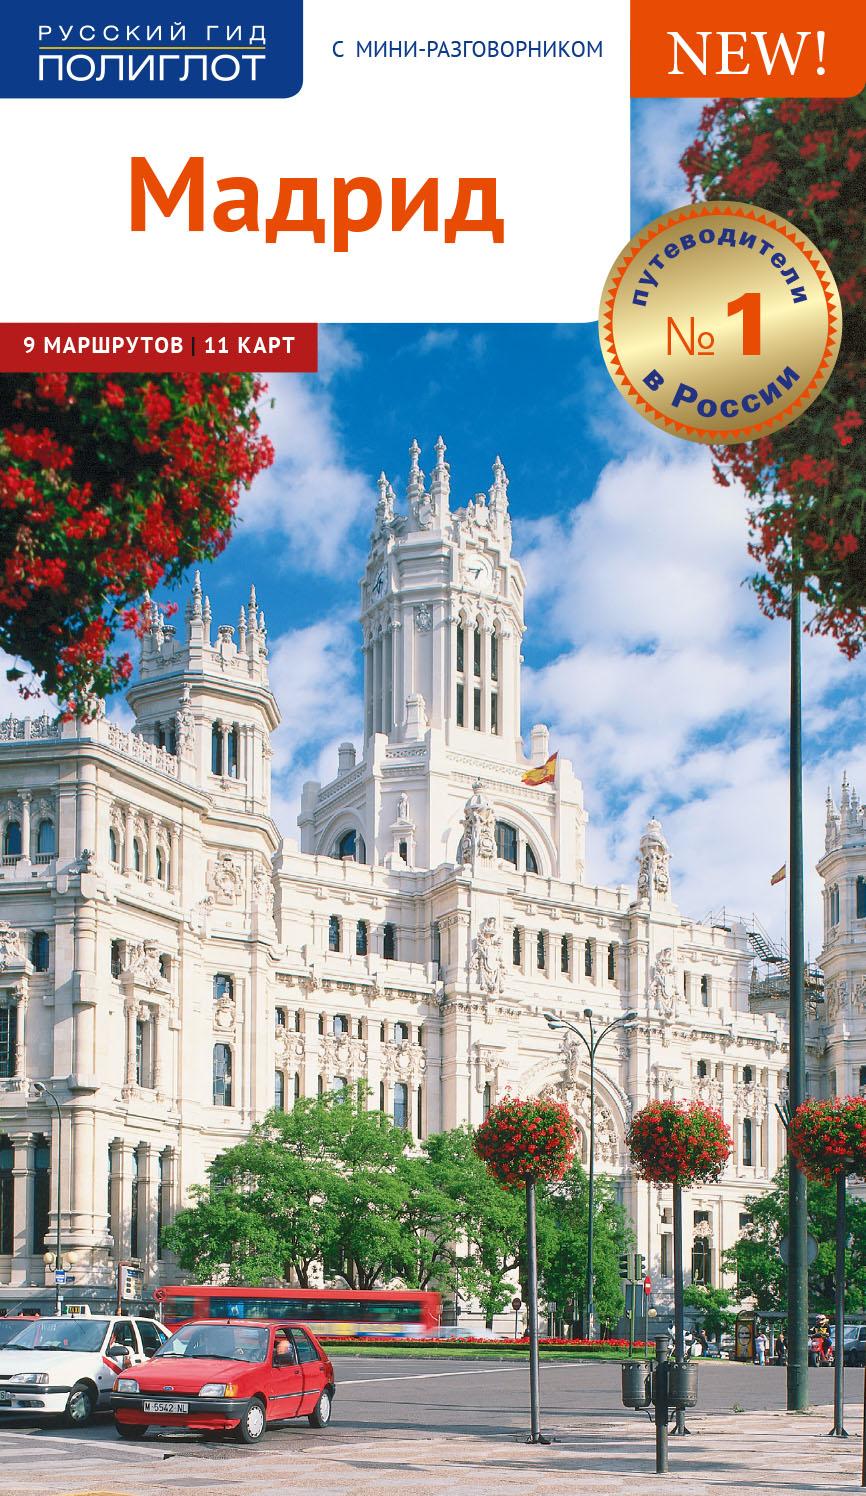 Мадрид.Путеводитель с мини-разговорником